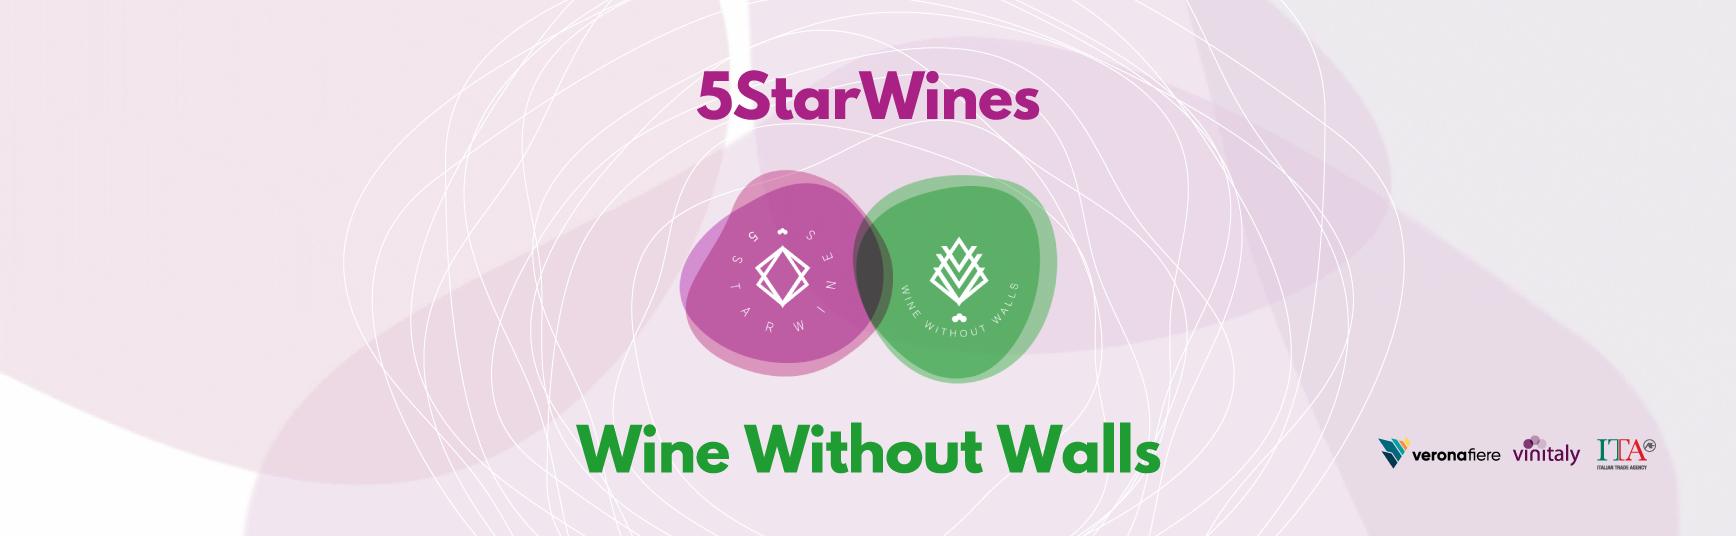 5StarWines Verona 2021